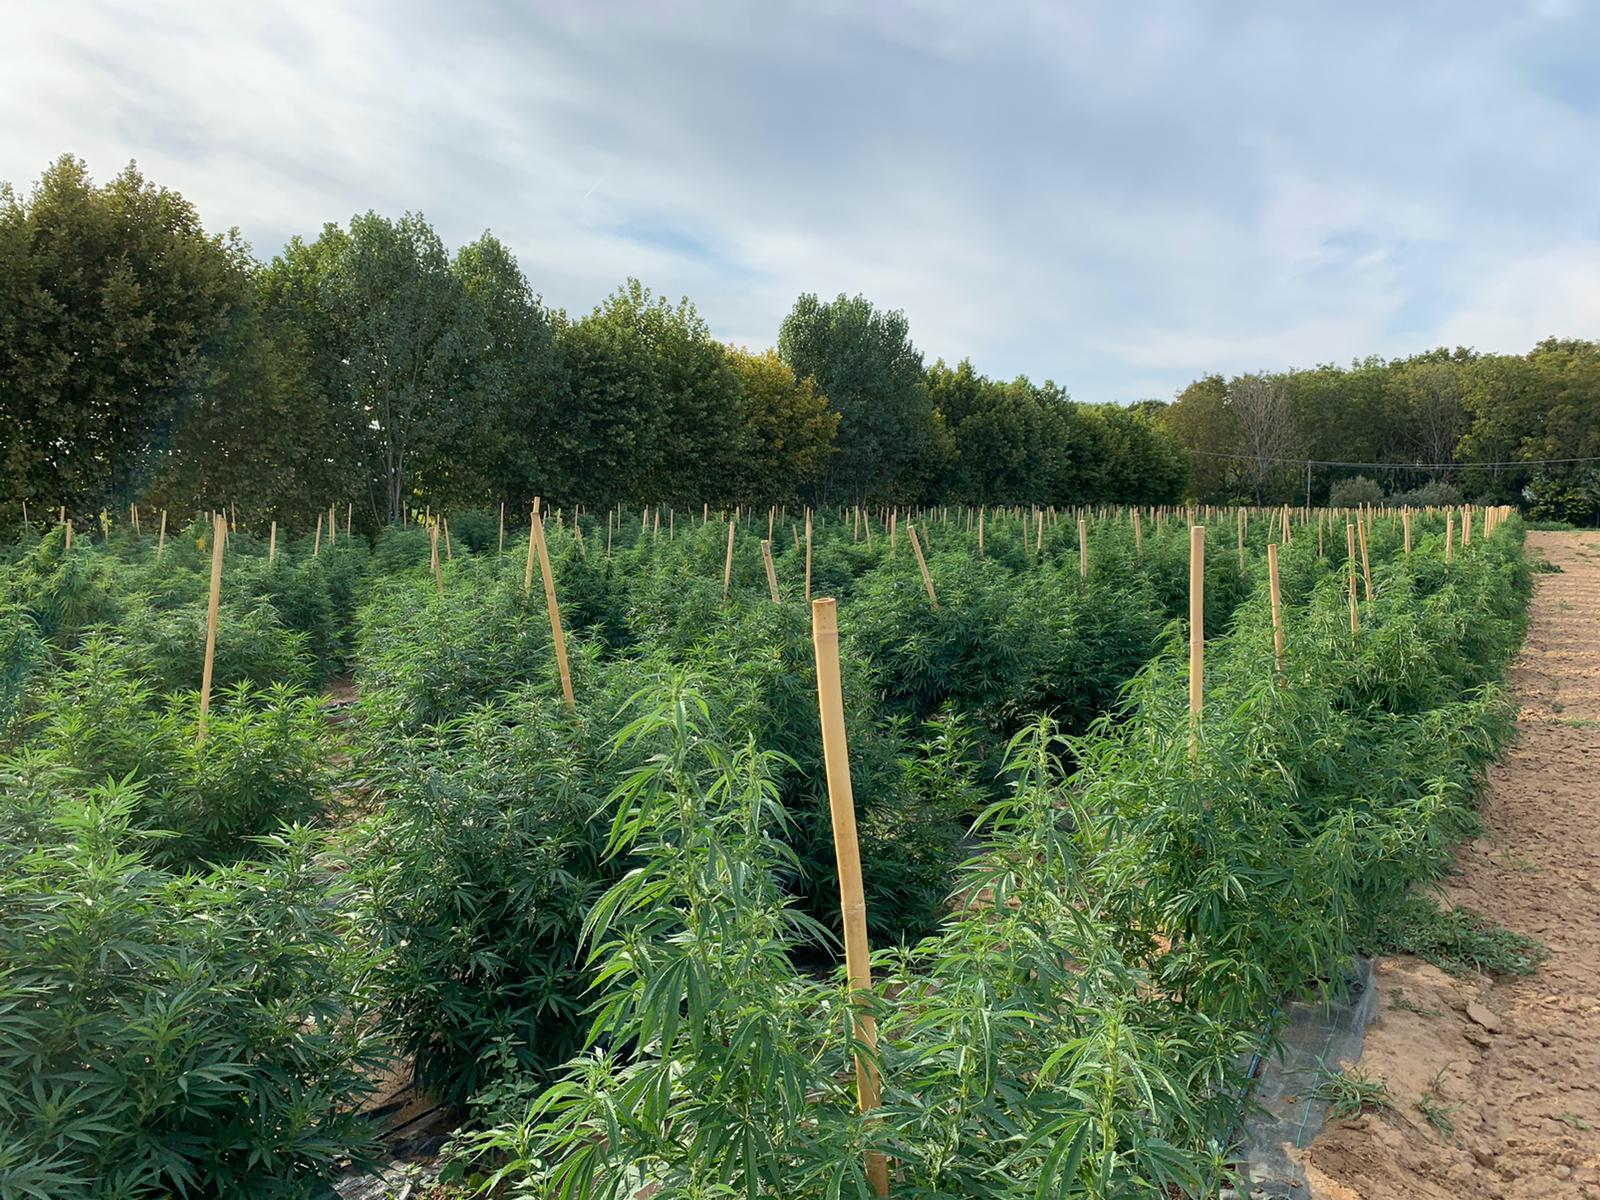 coltivazione_cannabis_canapa_real cbd